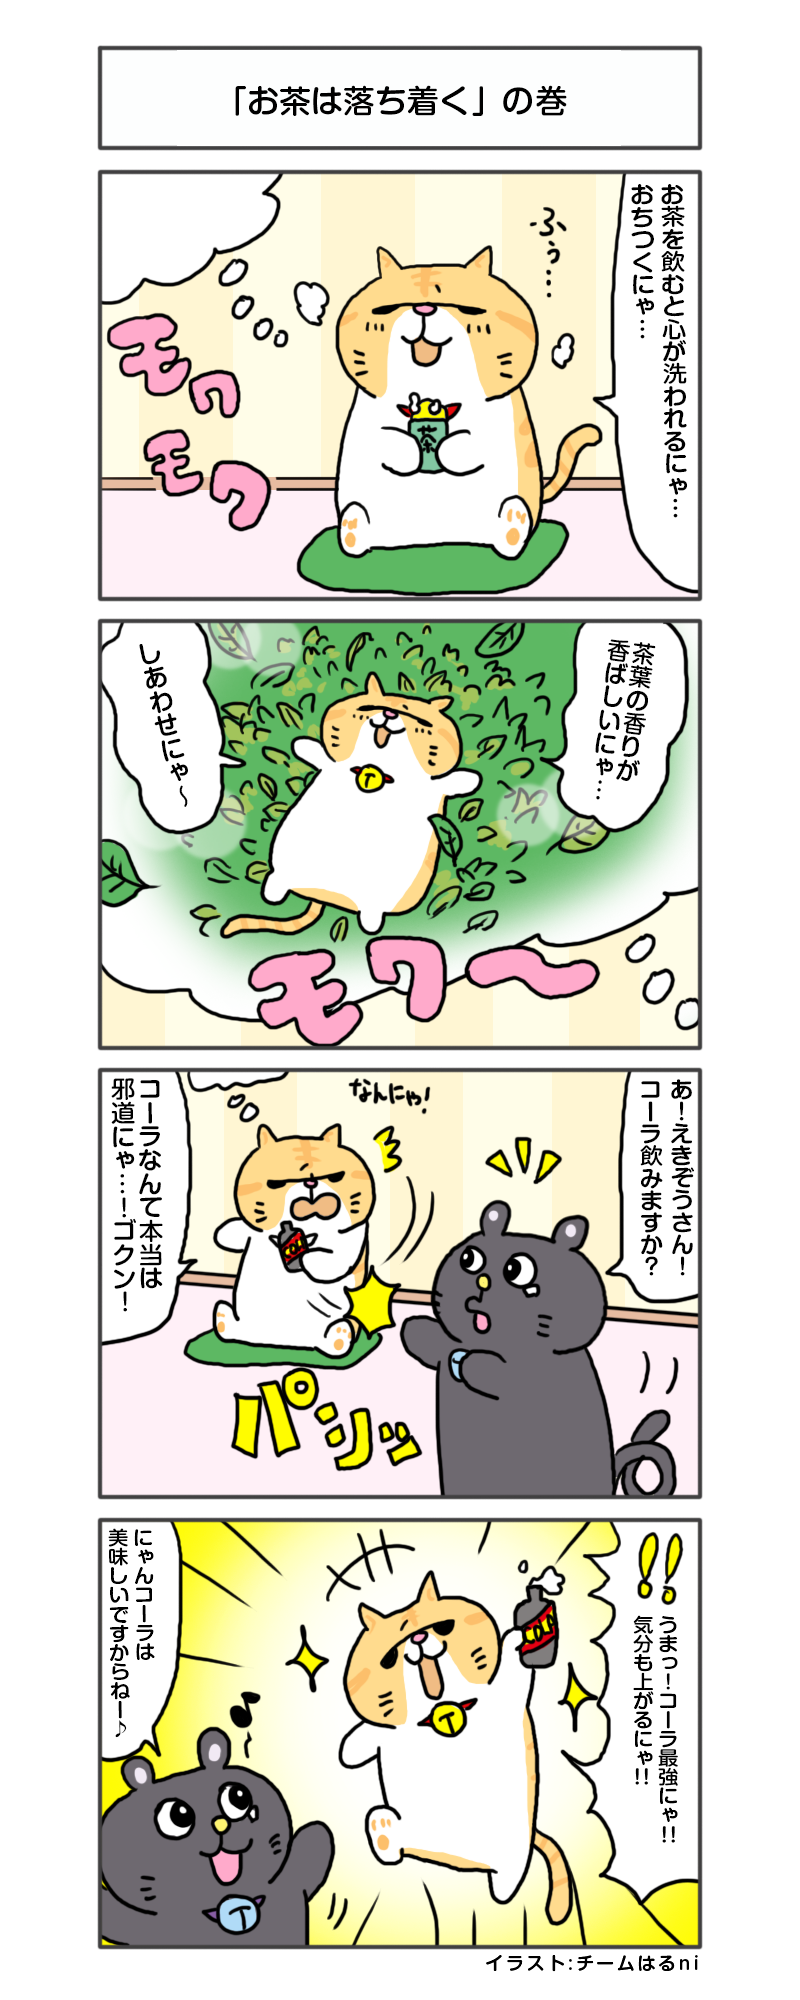 縺医″縺昴y縺・anga_vol.219